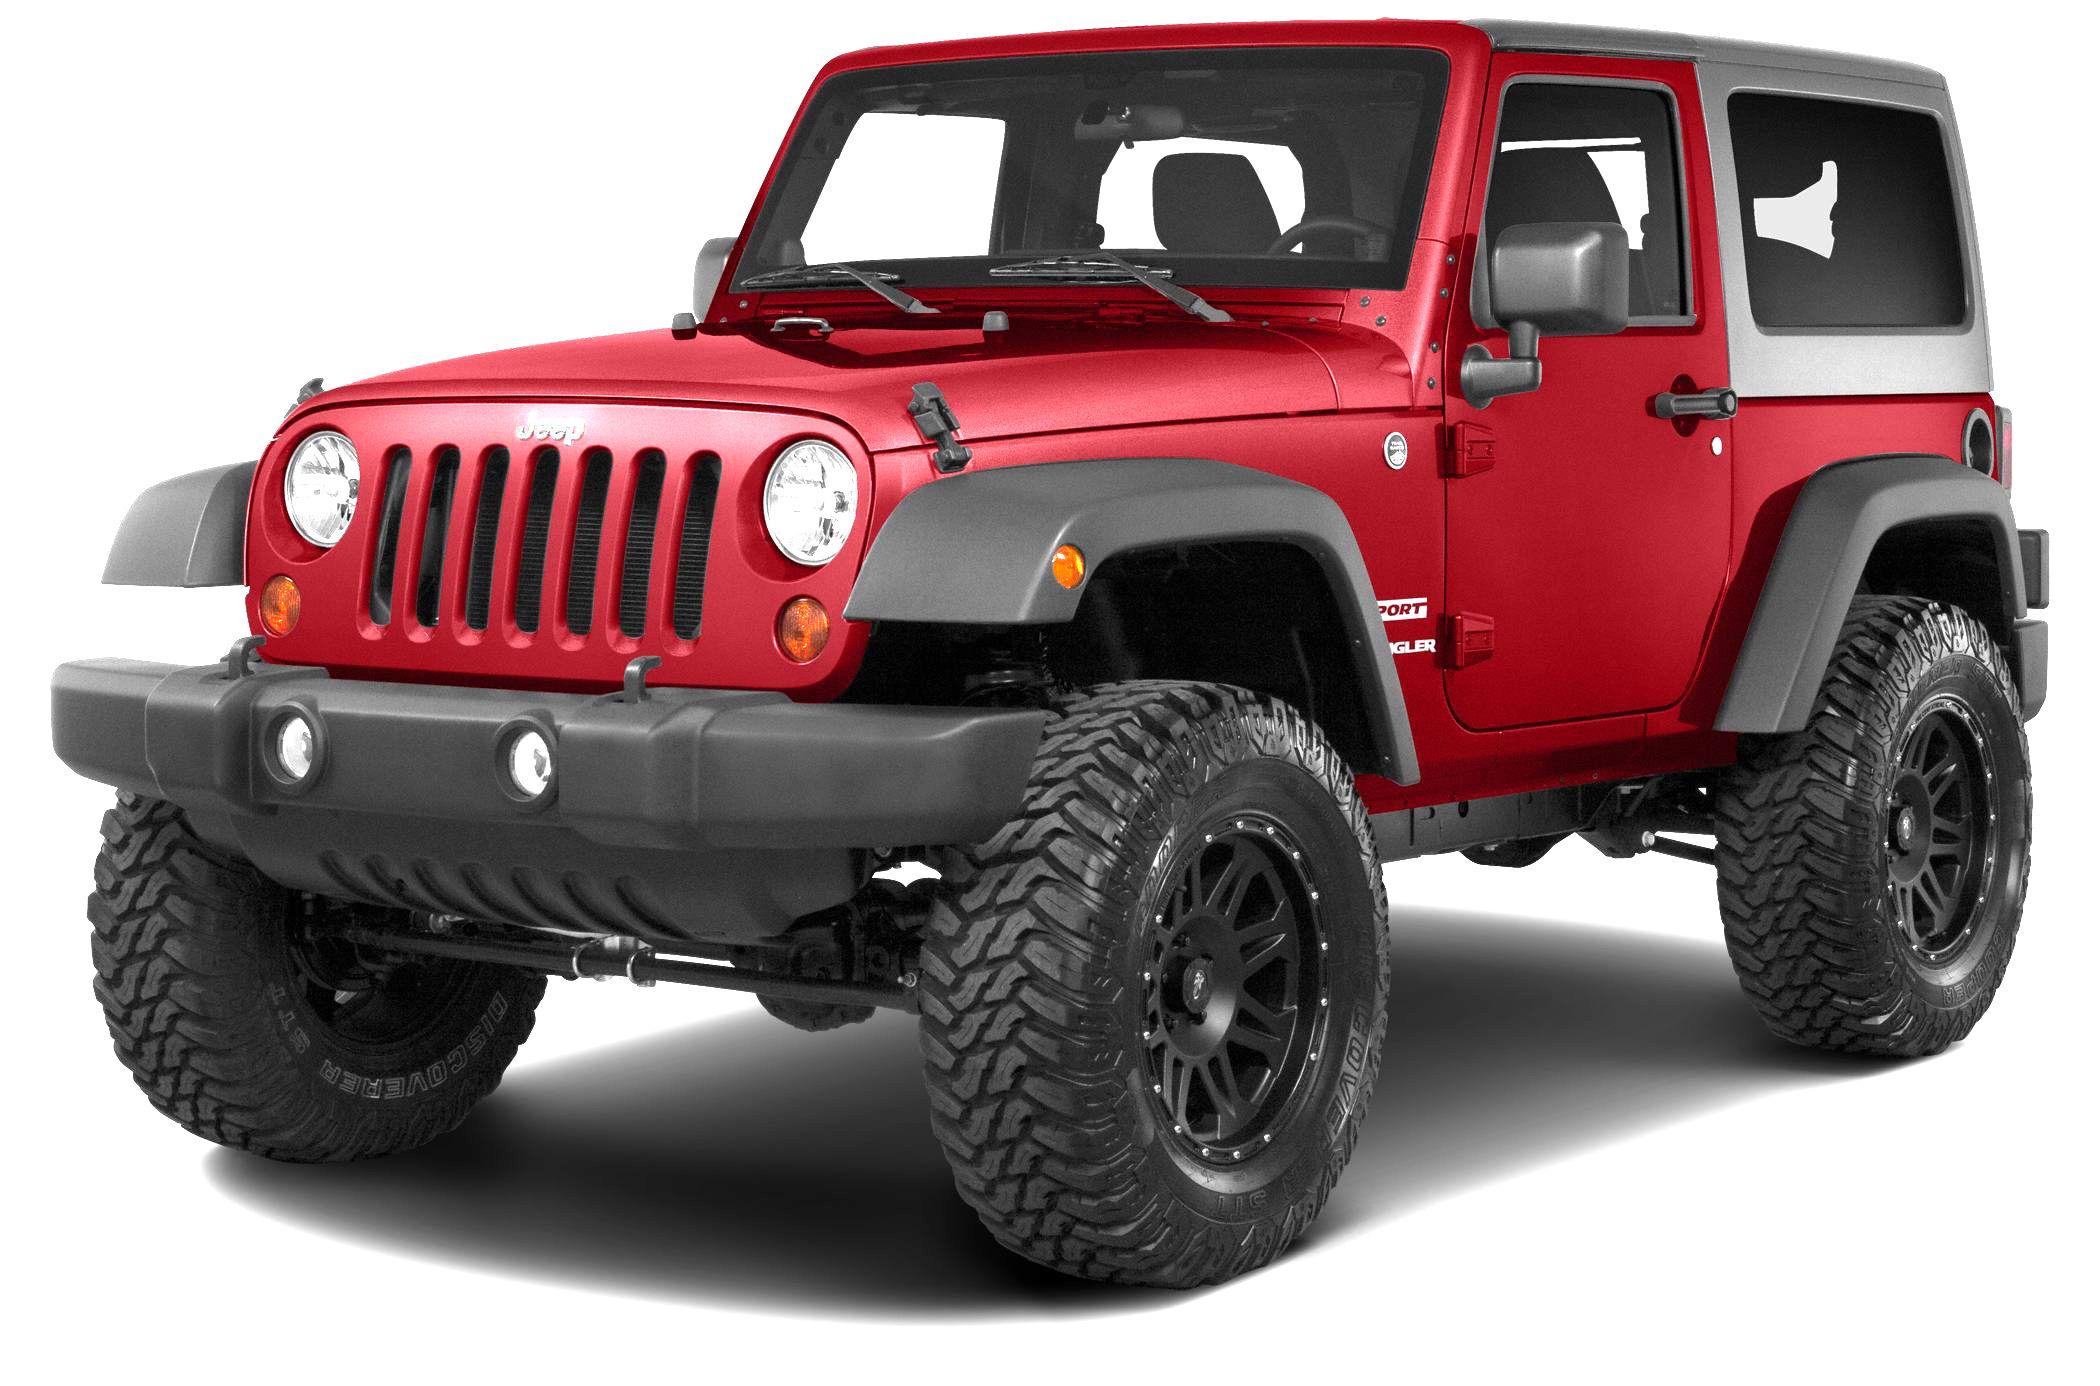 JEEP WRANGLER SPORT Jeep wrangler, Jeep wrangler price